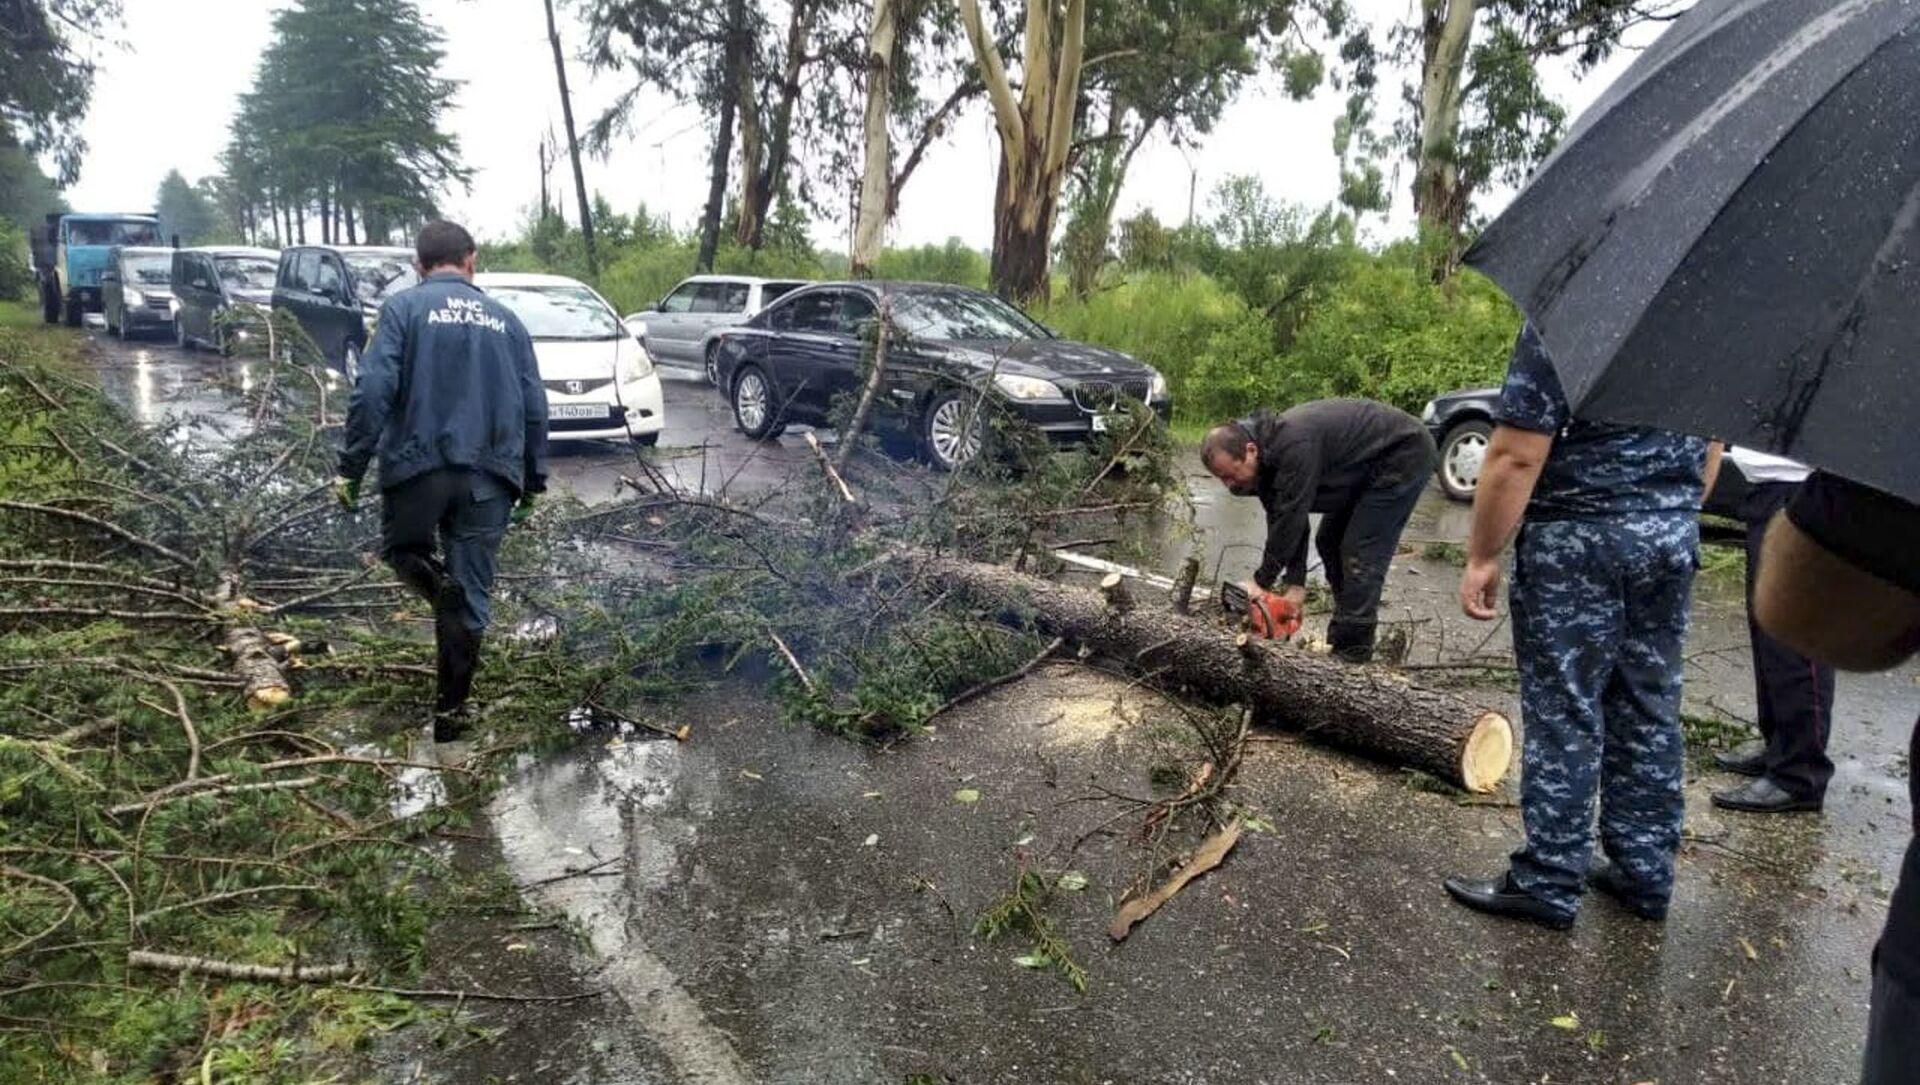 Дерево перекрыло проезжую часть в районе Киндги  - Sputnik Абхазия, 1920, 02.09.2021